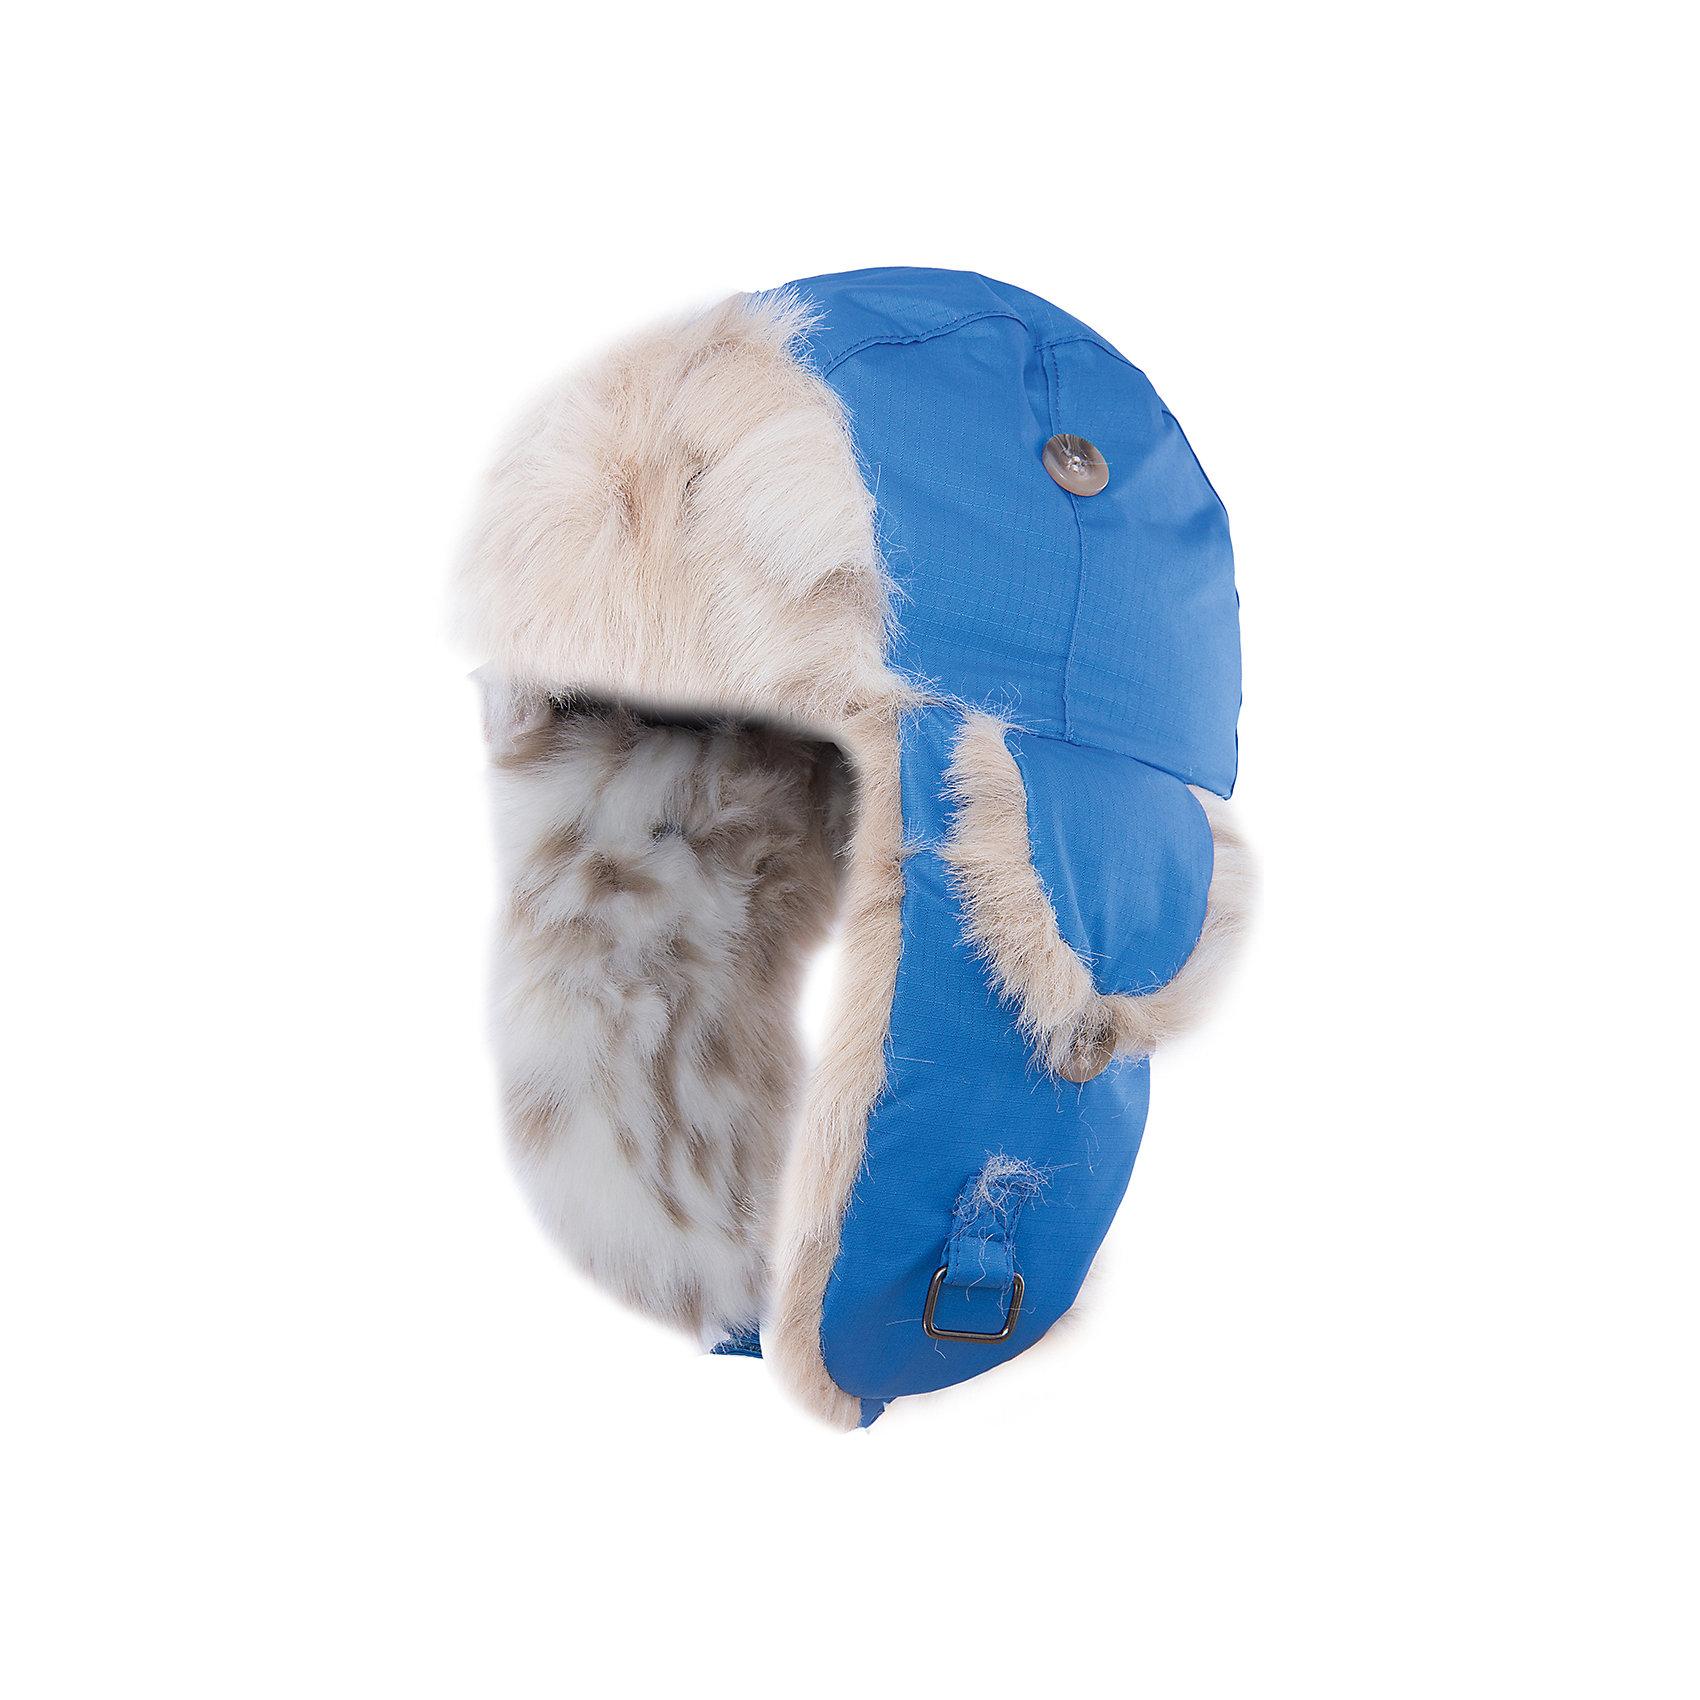 Шапка Kaspar HuppaГоловные уборы<br>Стильная зимняя шапка KASPAR Huppa(Хуппа).<br><br>Утеплитель: 100% полиэстер, 150 гр.<br><br>Температурный режим: до -25 градусов. Степень утепления – средняя. <br><br>* Температурный режим указан приблизительно — необходимо, прежде всего, ориентироваться на ощущения ребенка. Температурный режим работает в случае соблюдения правила многослойности – использования флисовой поддевы и термобелья.<br><br>С подкладкой из искусственного меха изготовлена с использованием дышащих водоотталкивающих материалов. Эта шапка отлично защитит голову и уши ребенка от холода и ветра. Кроме того, ее можно надеть в разных исполнениях: большие клапаны застегиваются на подбородке, маленькие и большие - на макушке. Замечательный вариант для тех, кто ценит качество и стиль.<br><br>Дополнительная информация:<br>Материал: 100% полиэстер<br>Подкладка: искуственный мех - 80% акрил, 20% полиэстер<br>Цвет: синий<br><br>Шапку KASPAR Huppa(Хуппа) можно приобрести в нашем интернет-магазине.<br><br>Ширина мм: 89<br>Глубина мм: 117<br>Высота мм: 44<br>Вес г: 155<br>Цвет: синий<br>Возраст от месяцев: 12<br>Возраст до месяцев: 24<br>Пол: Мужской<br>Возраст: Детский<br>Размер: 47-49,51-53,55-57<br>SKU: 4923961